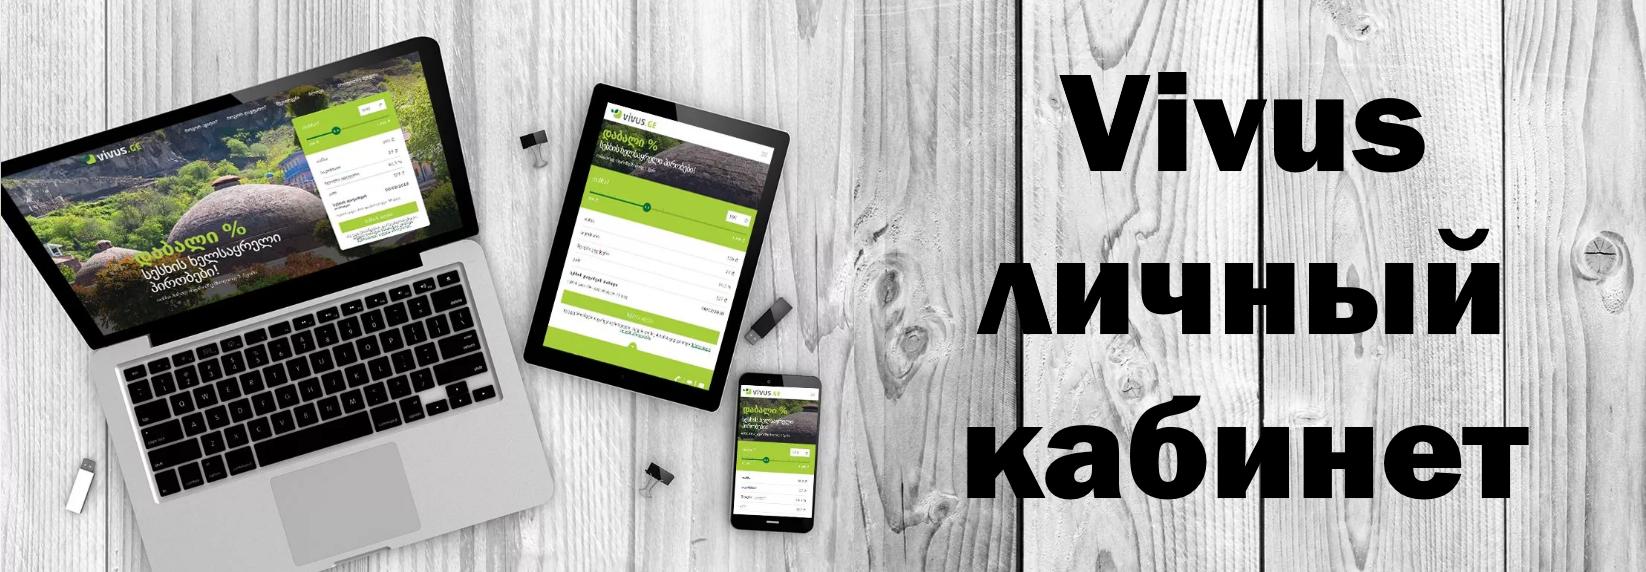 Вивус (Vivus): регистрация и вход в личный кабинет